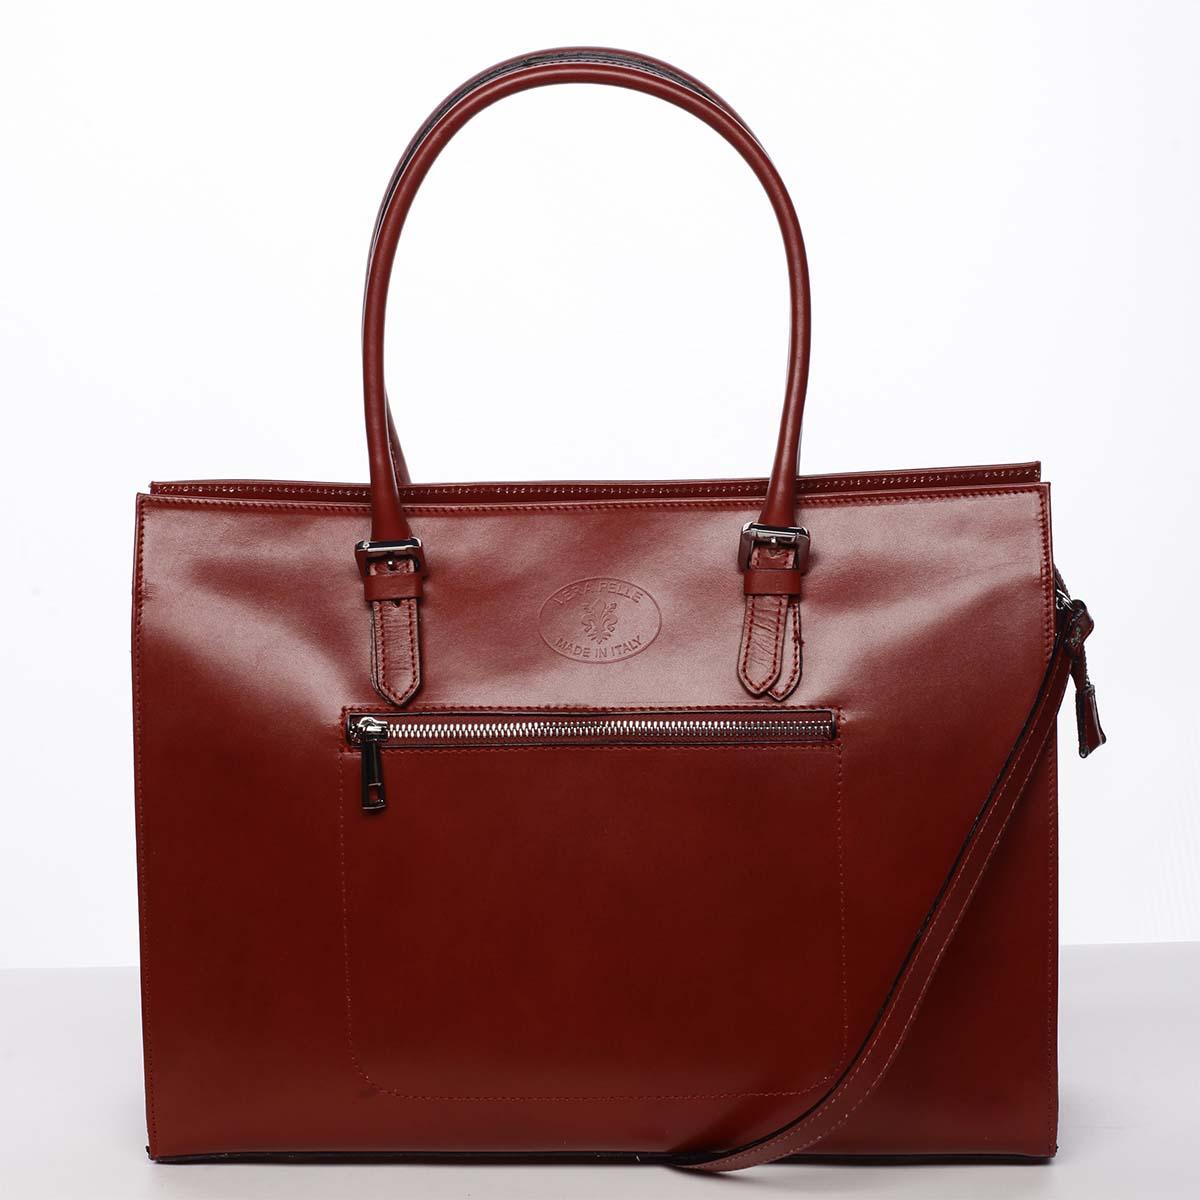 Moderní a elegantní dámská kožená kabelka červená - ItalY Madelia